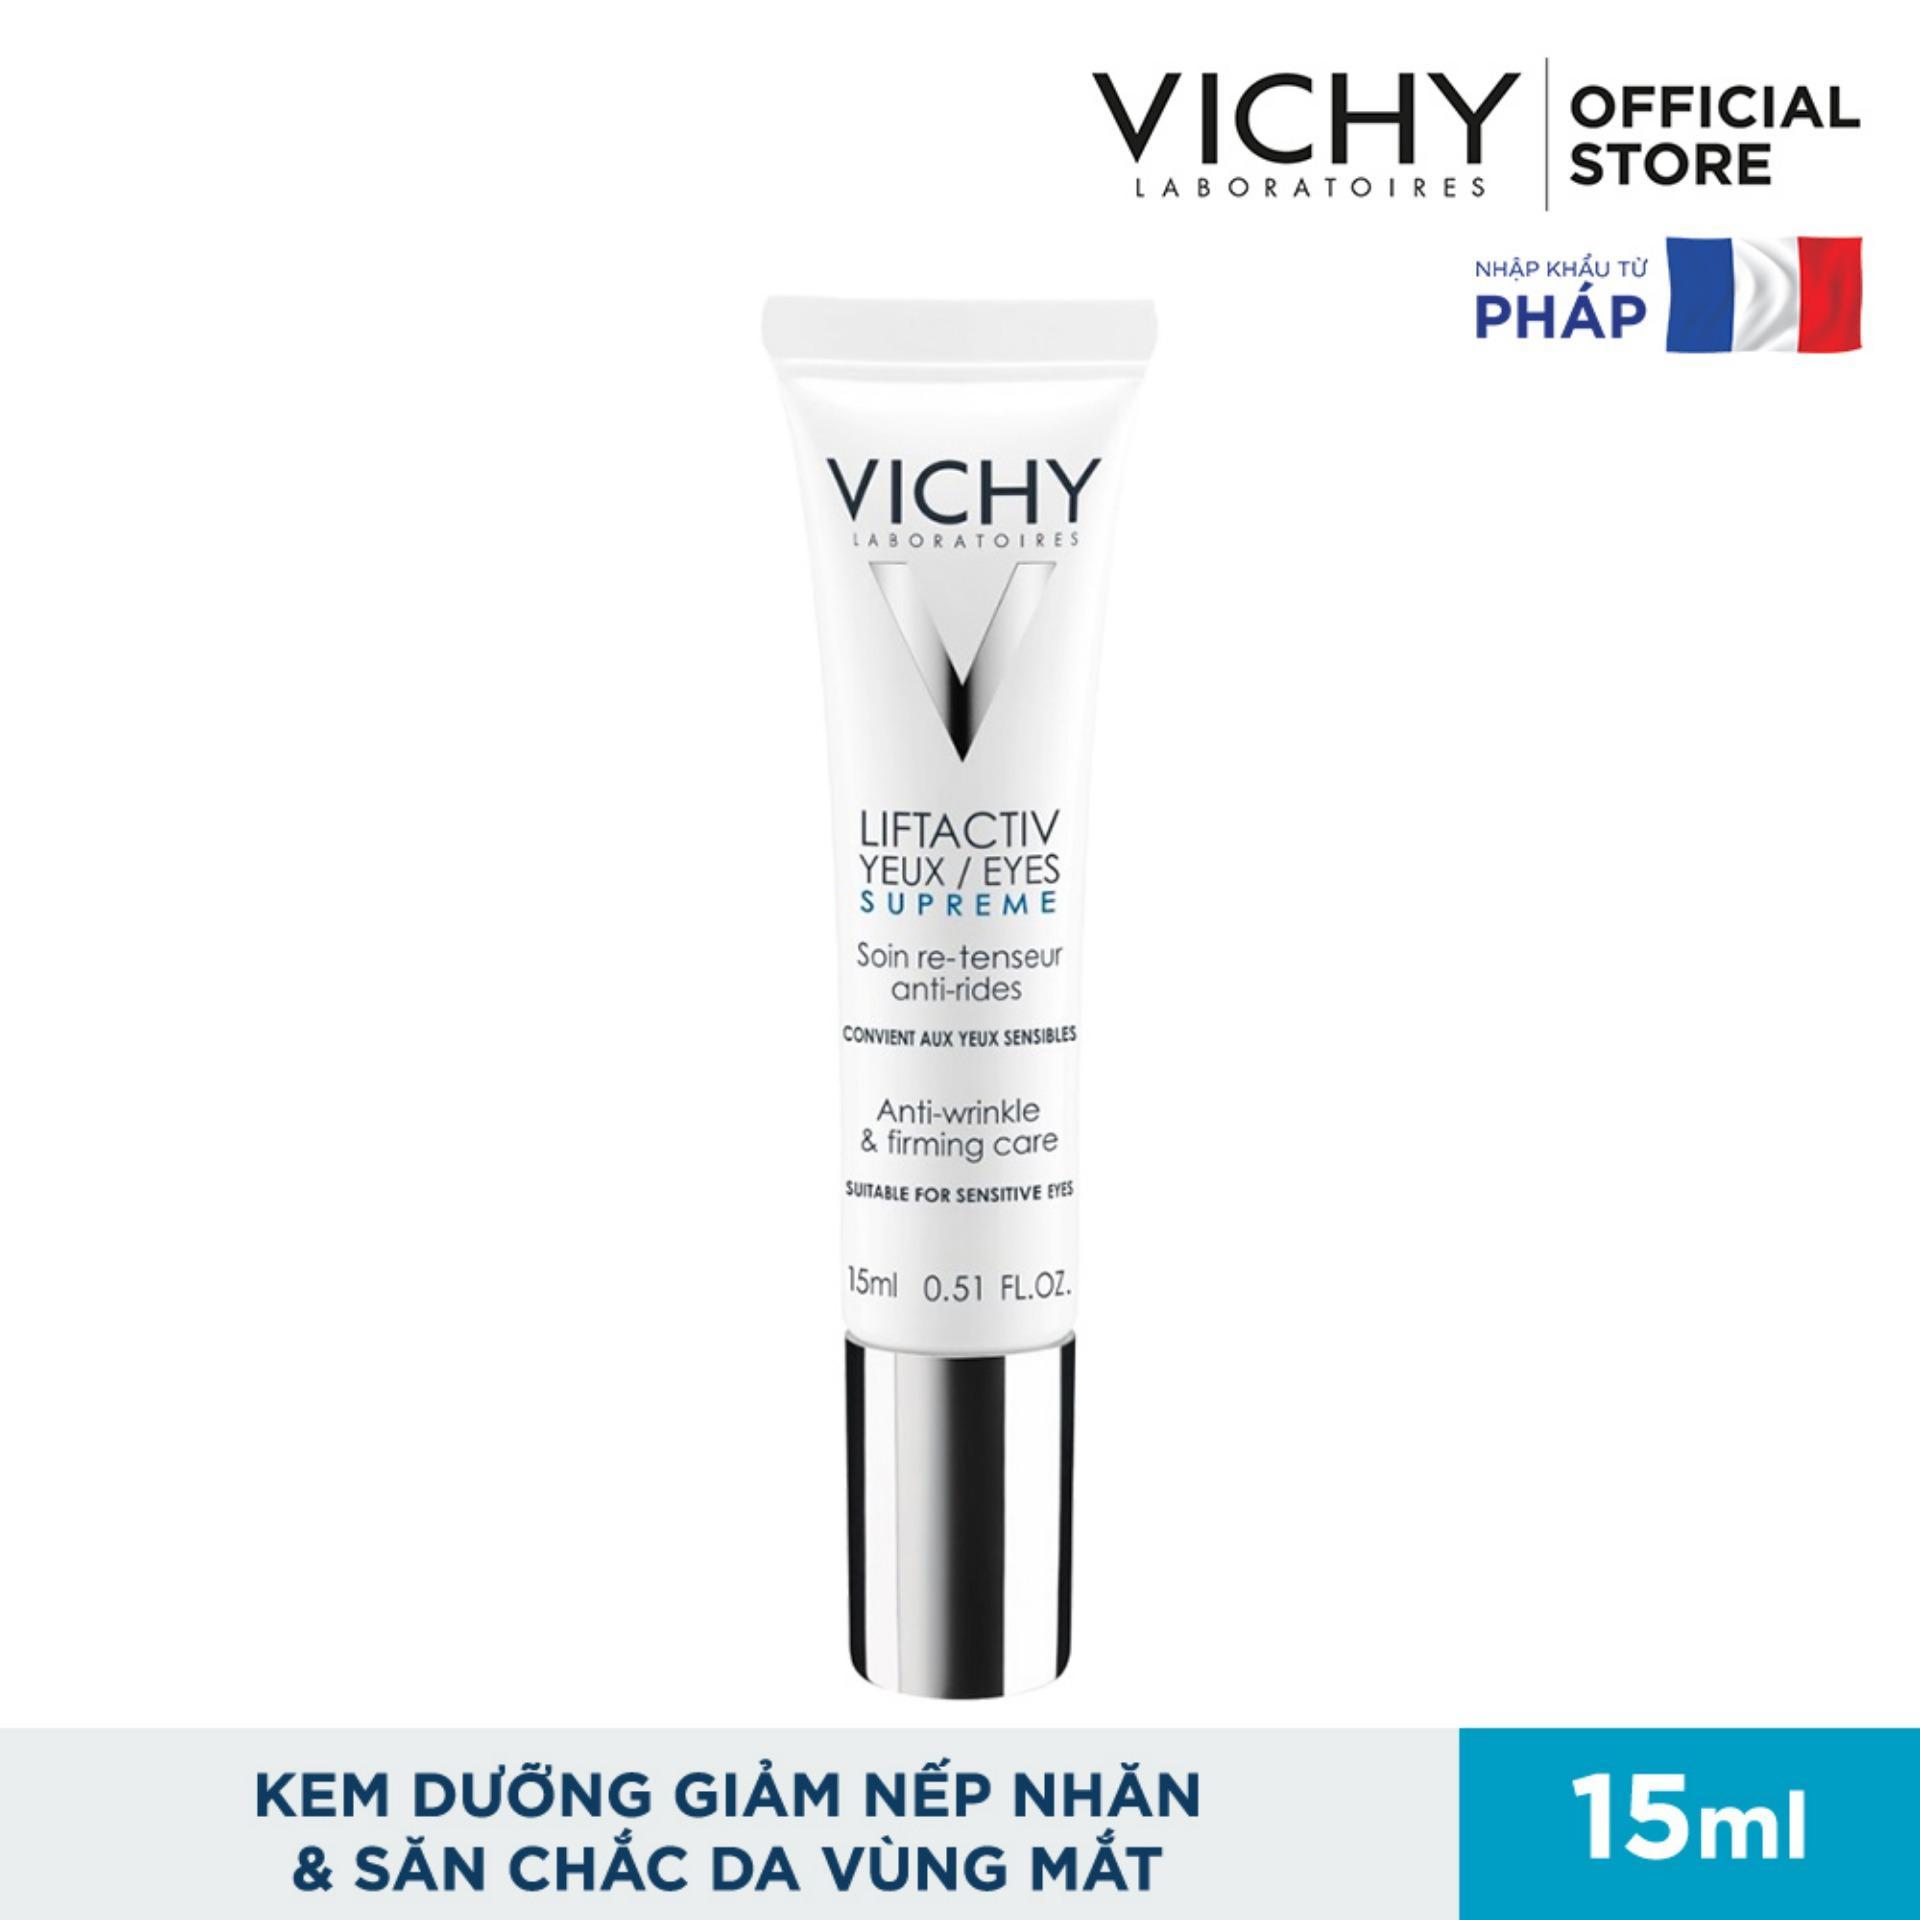 Kem dưỡng giúp giảm nếp nhăn & săn chắc da vùng mắt Vichy Liftactiv Eyes Supreme Global Anti-Wrinkle & Firming Care 15ml